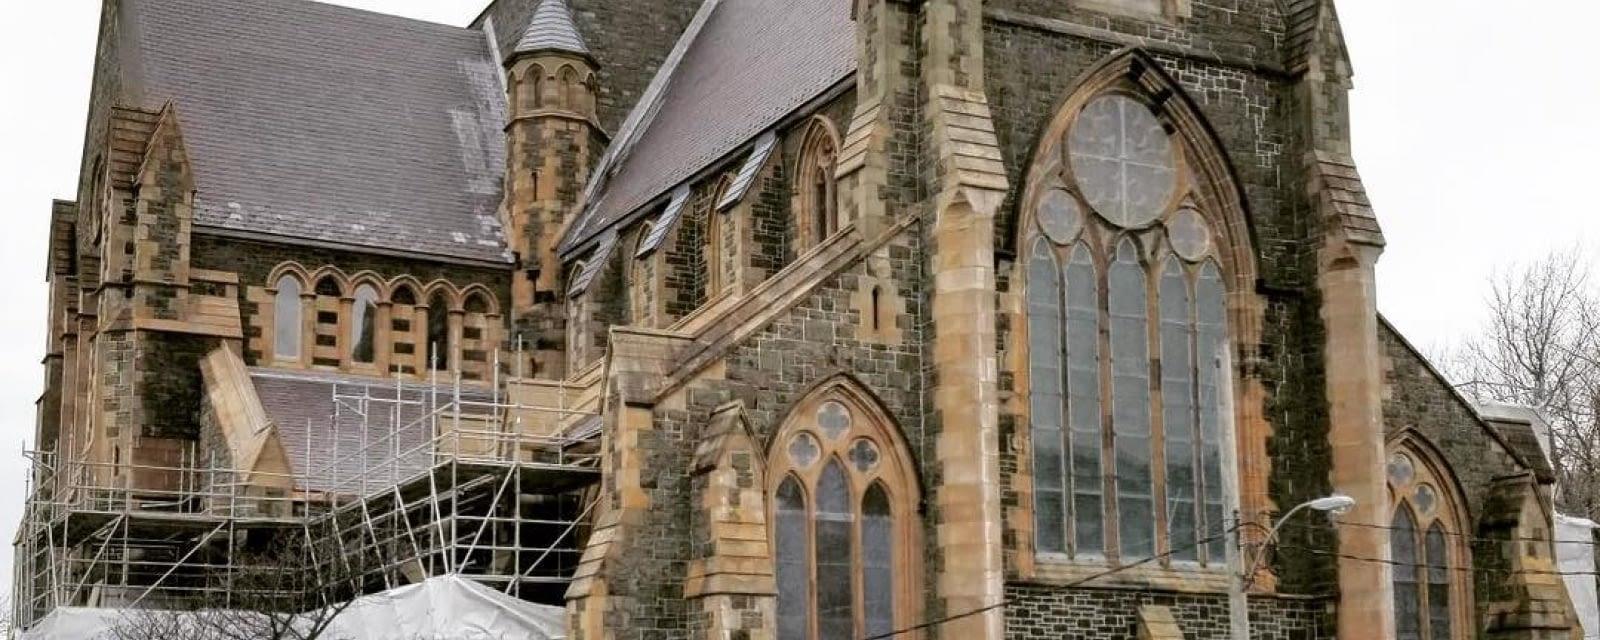 Restoring heritage buildings - Roof Tile Management